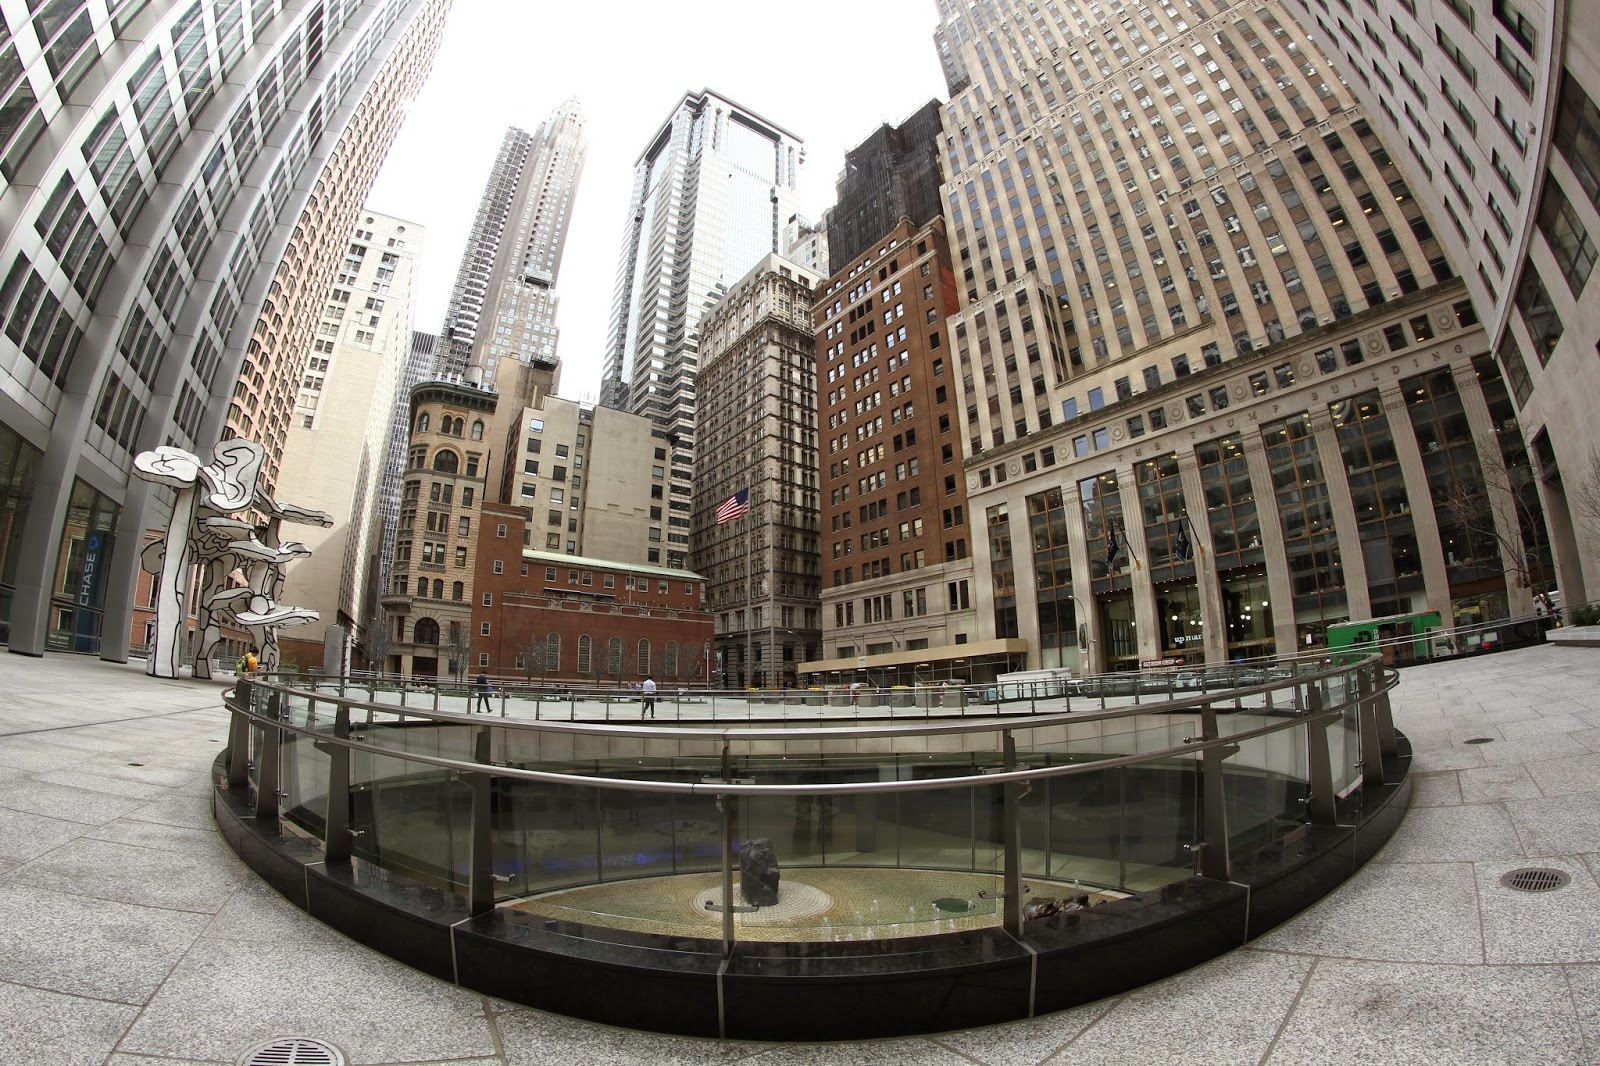 Visitar LOWER MANHATTAN e conhecer a história de Nova Iorque | EUA